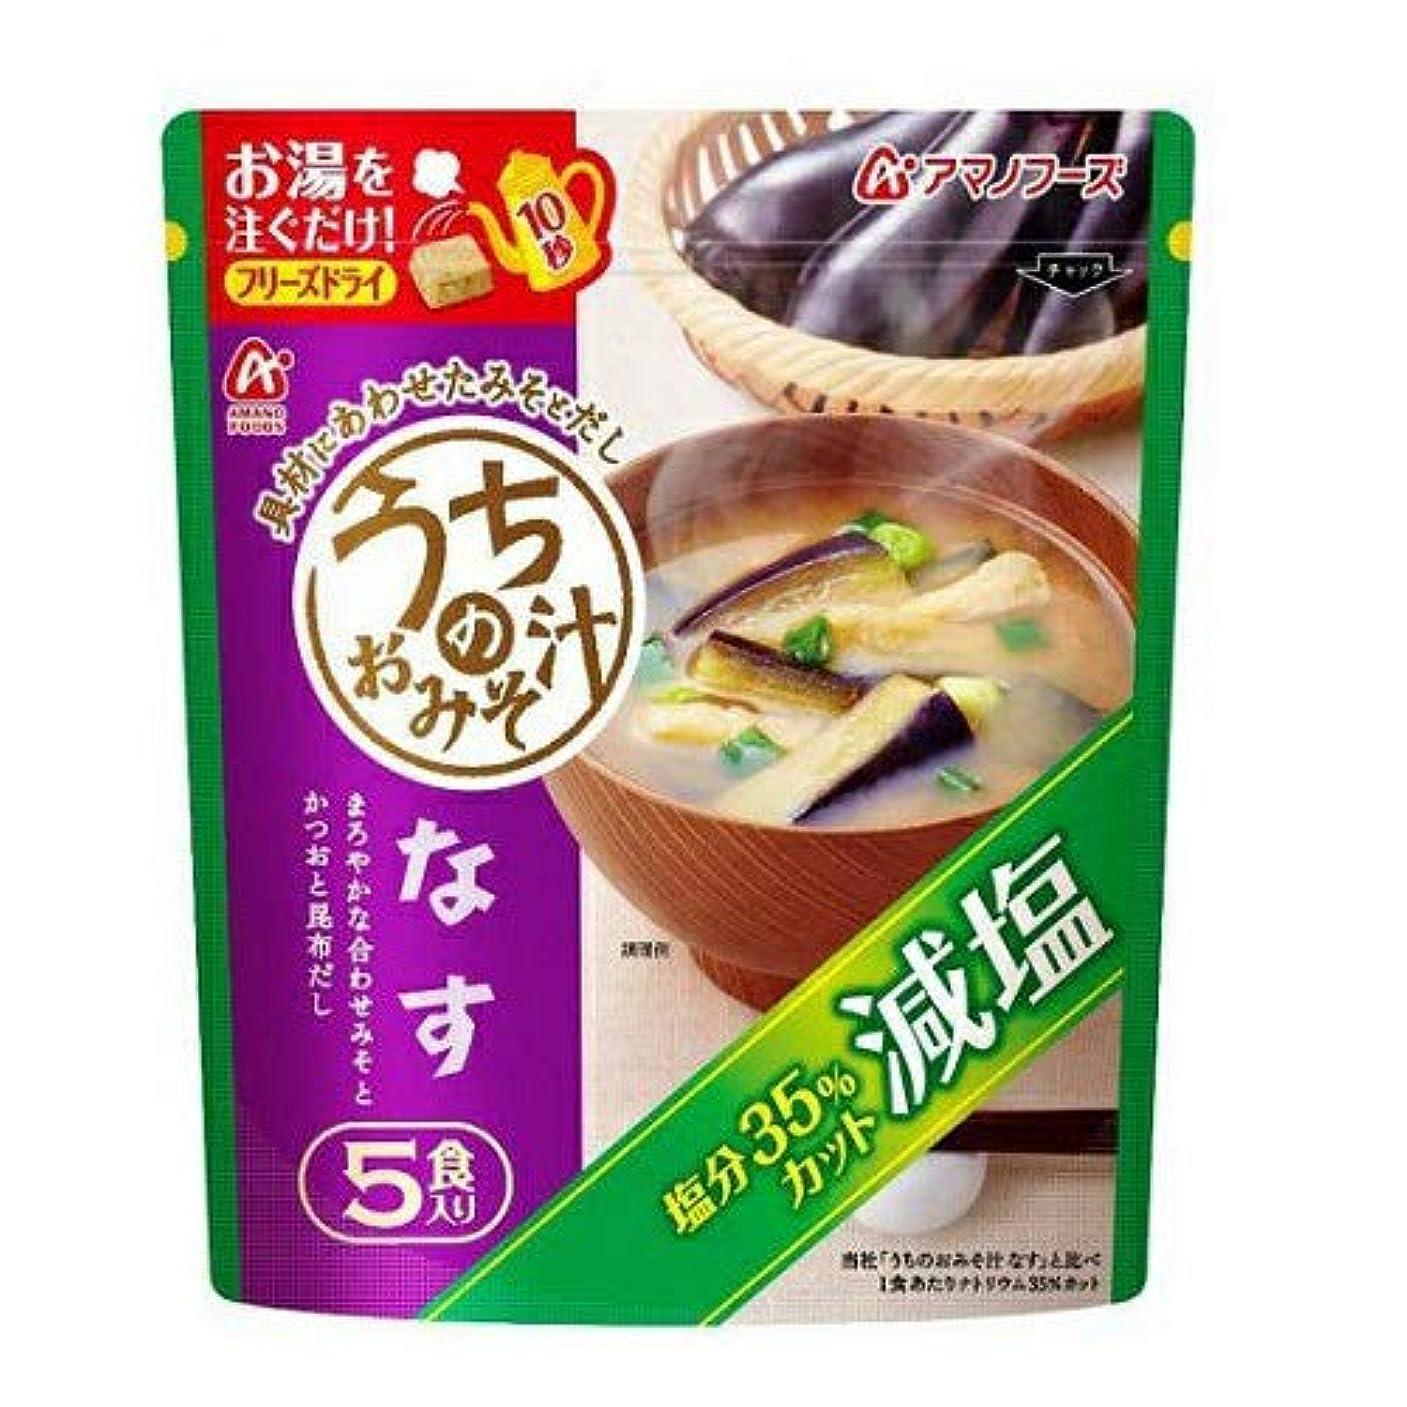 宇宙落とし穴豆アサヒグループ食品 アマノフーズ インスタント 減塩うちのおみそ汁 なす 5食入